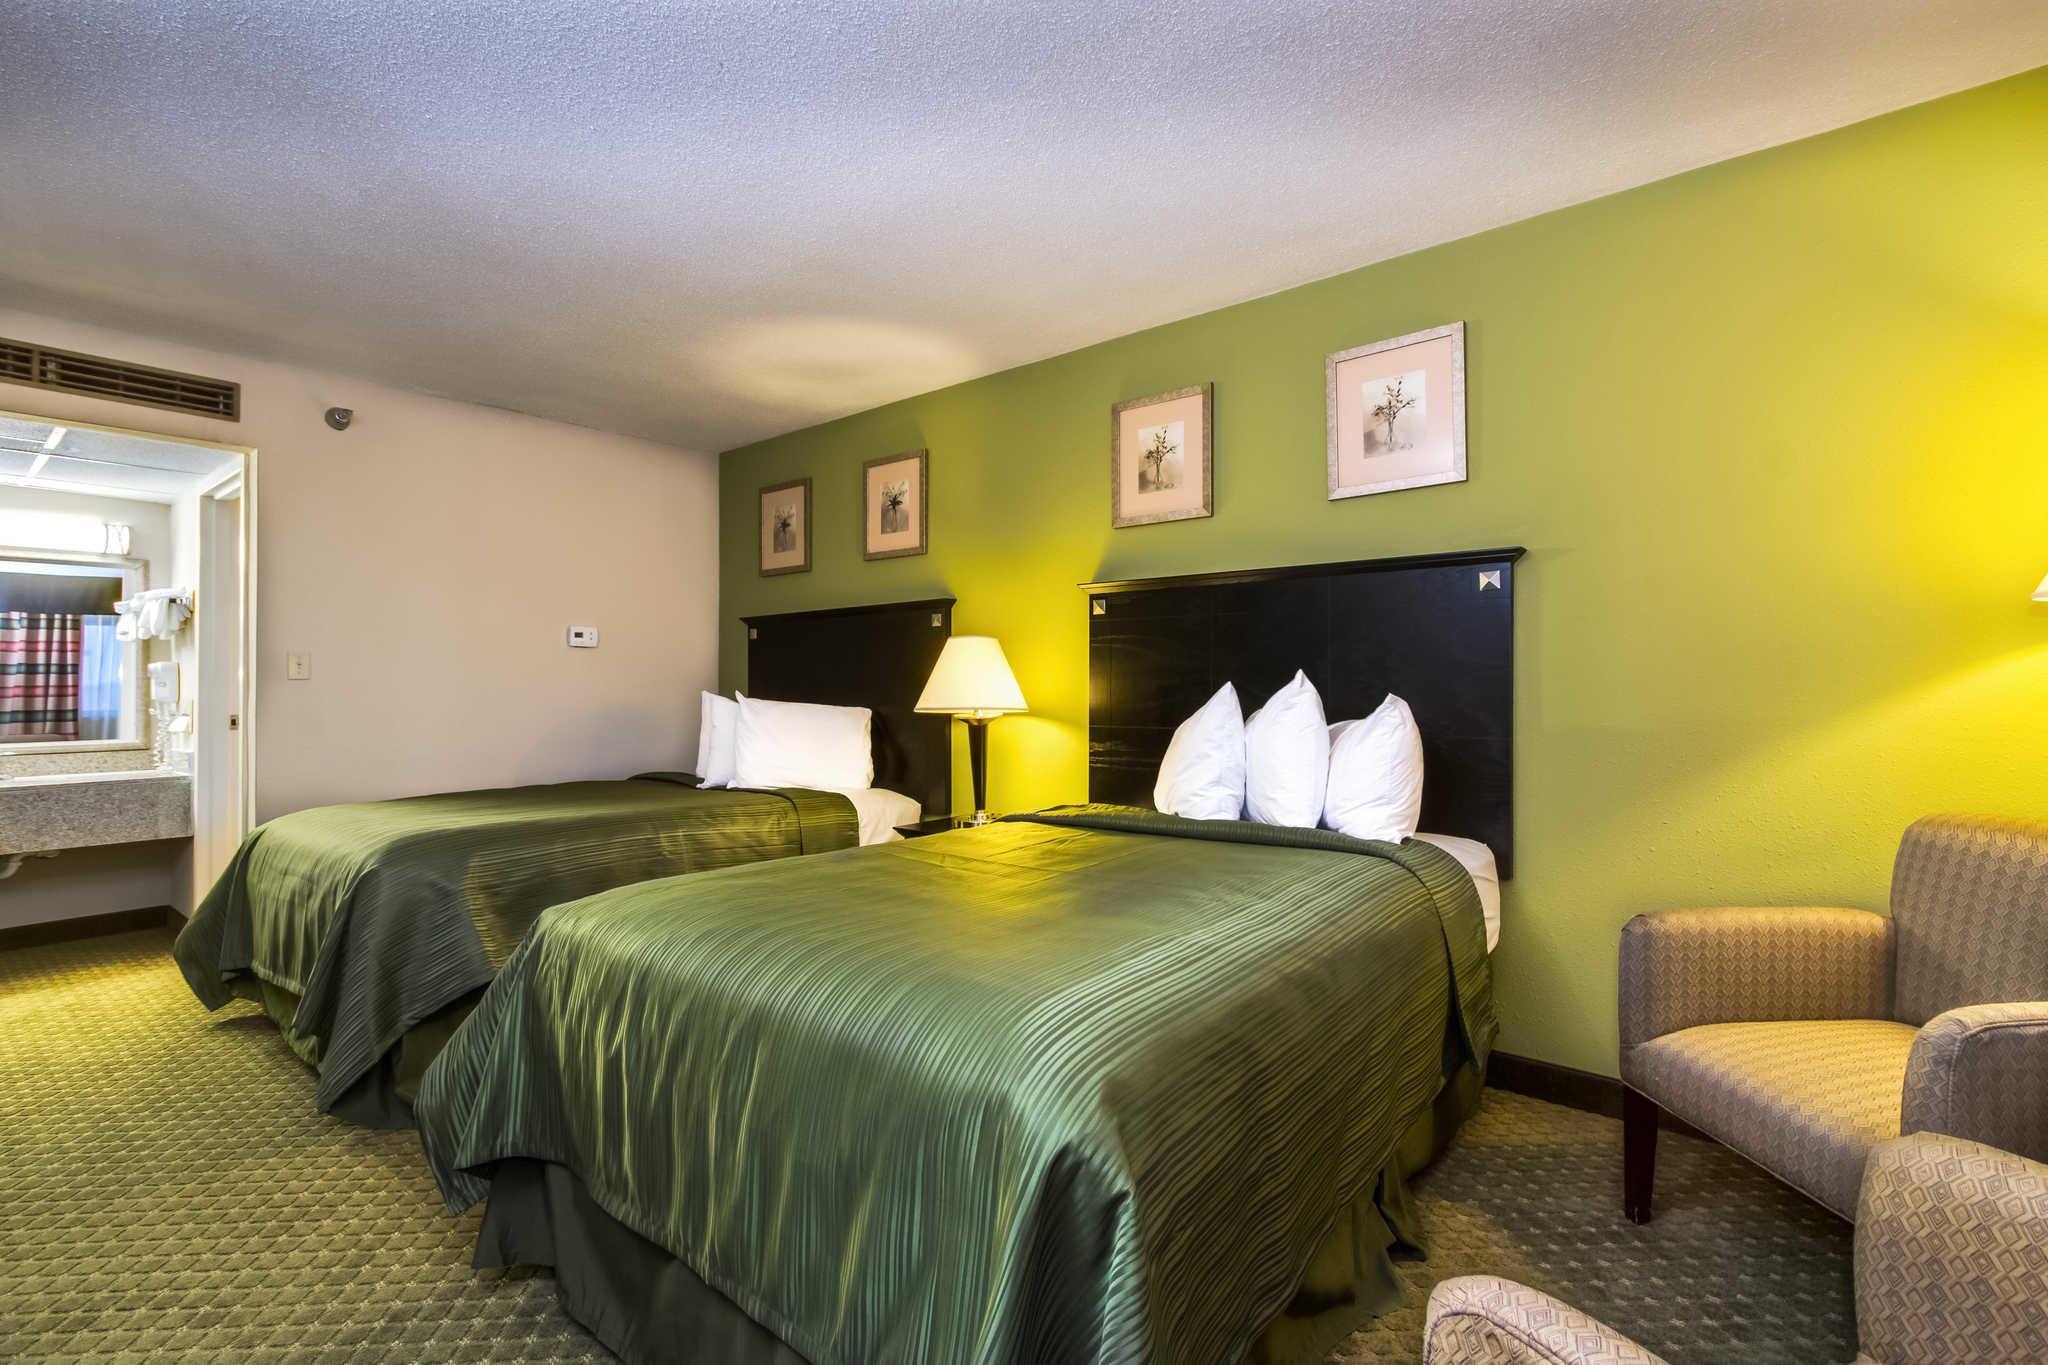 Quality Inn & Suites Moline - Quad Cities image 7